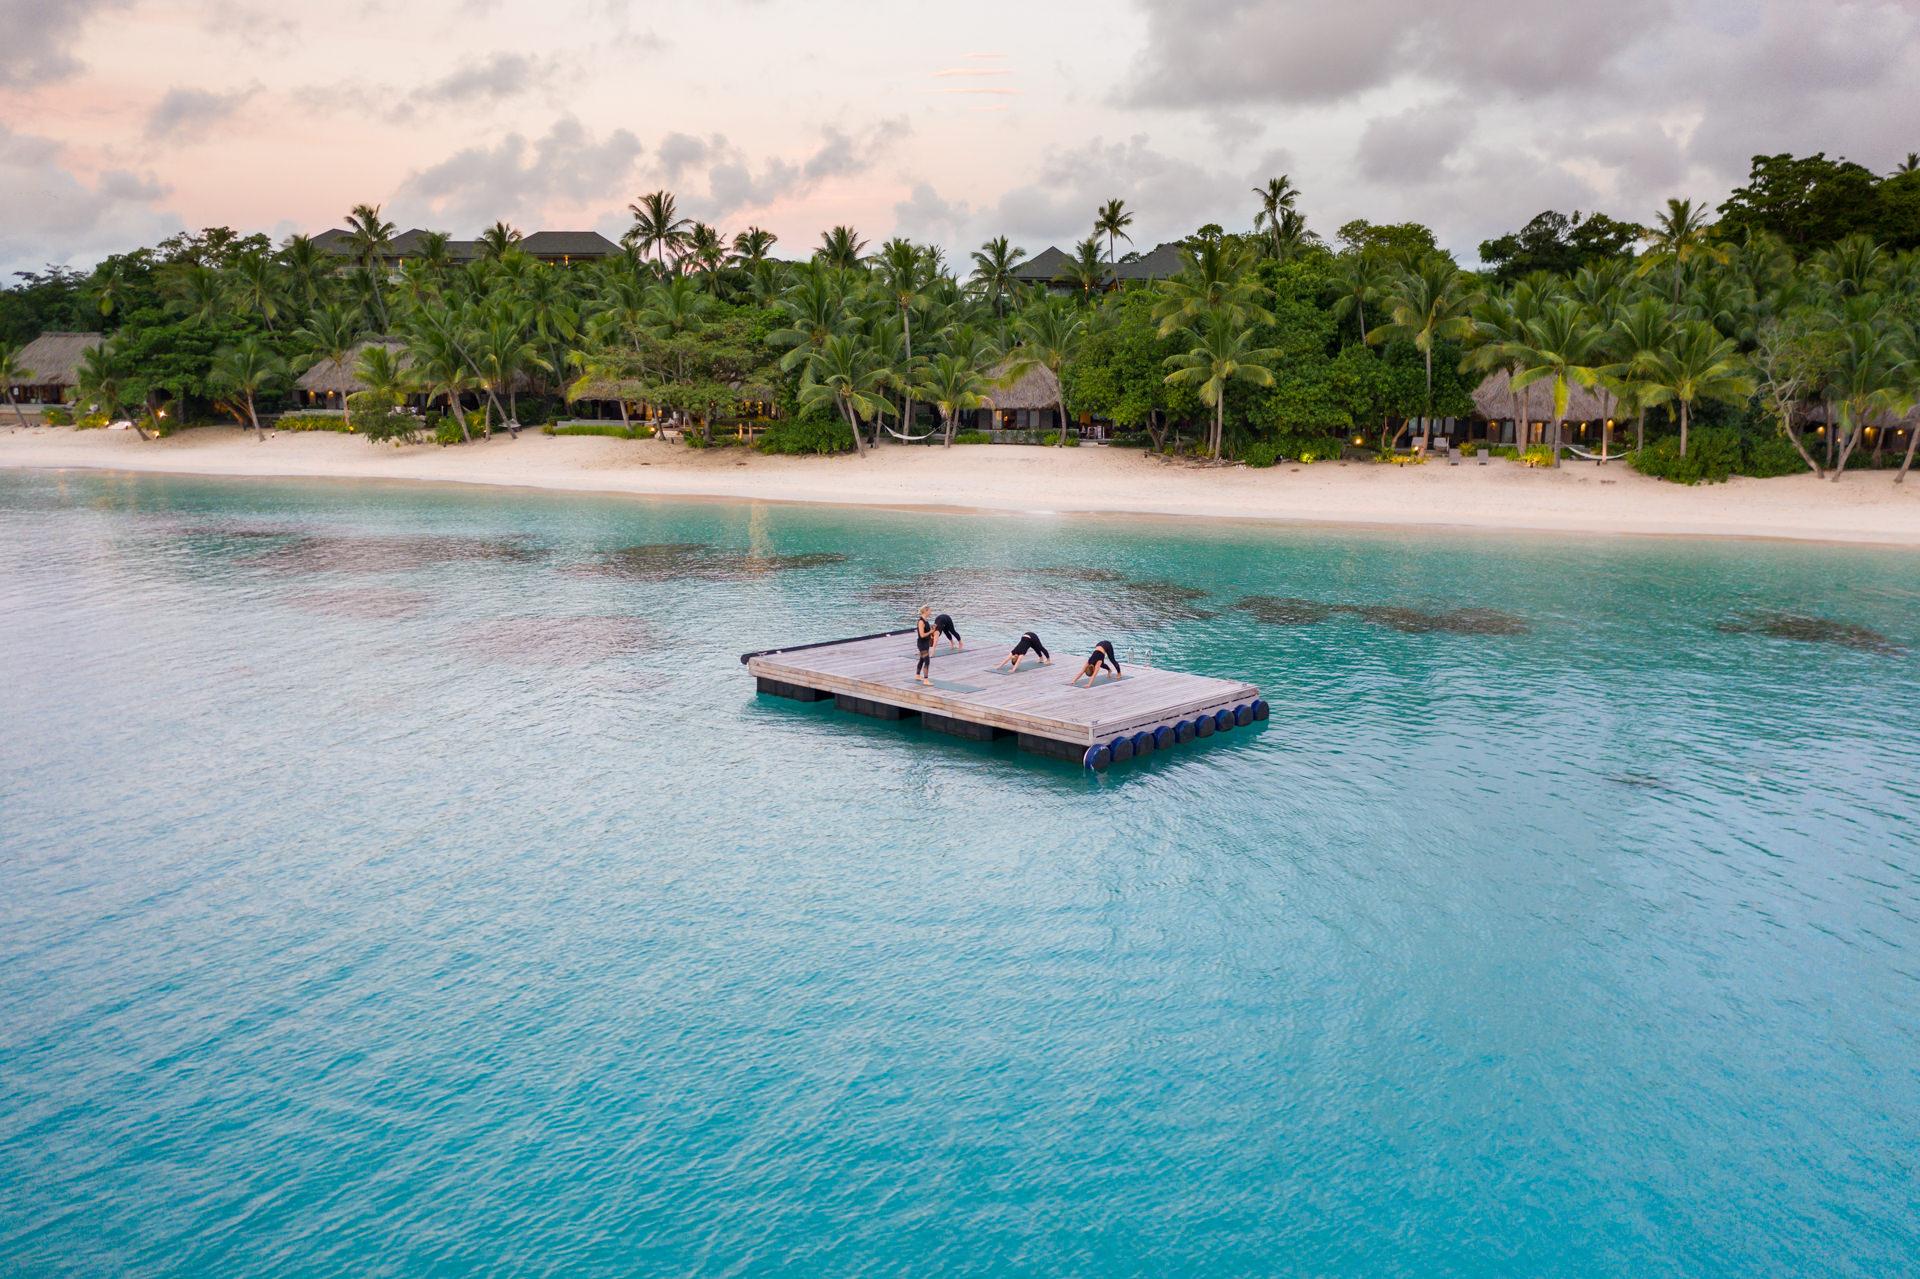 2460-Kokomo-Fiji-20190306-2.jpg